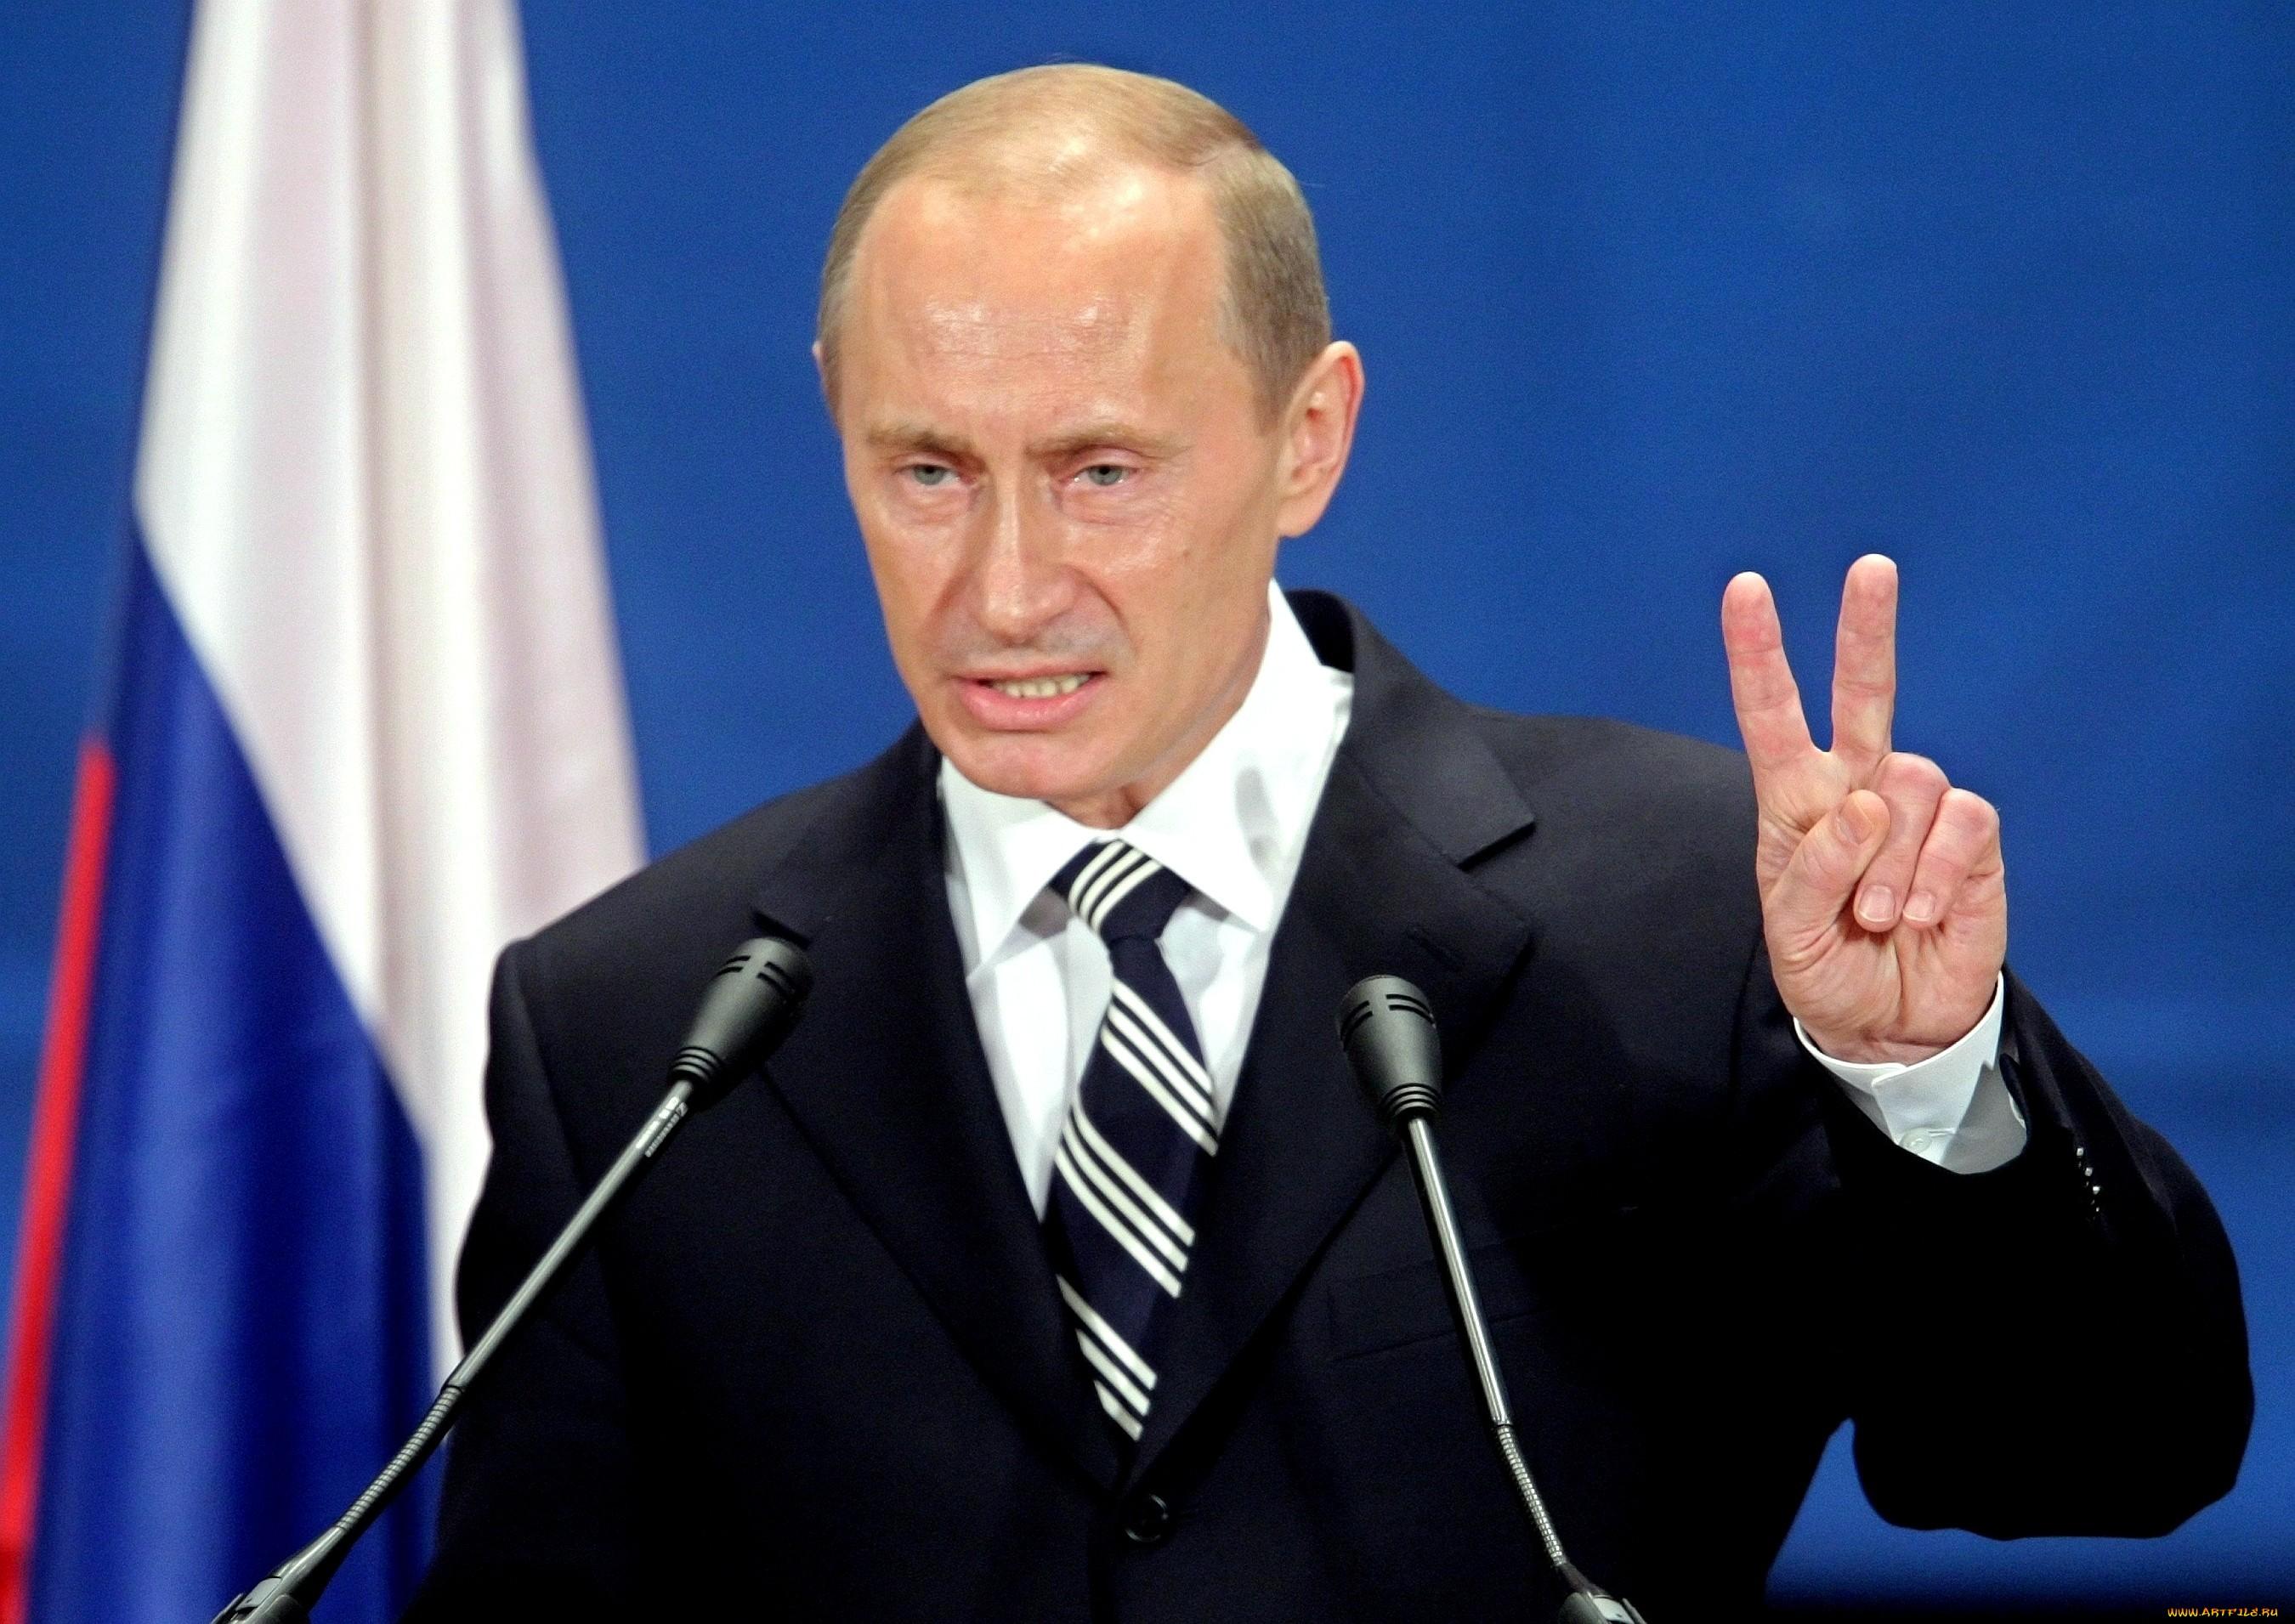 """Гужва, """"Страна.ua"""", """"Интер"""", УП и прочие """"НьюзВаны"""", послушайте: вы так сильно ненавидели Порошенко, что не заметили, как полюбили Путина, - Швец"""